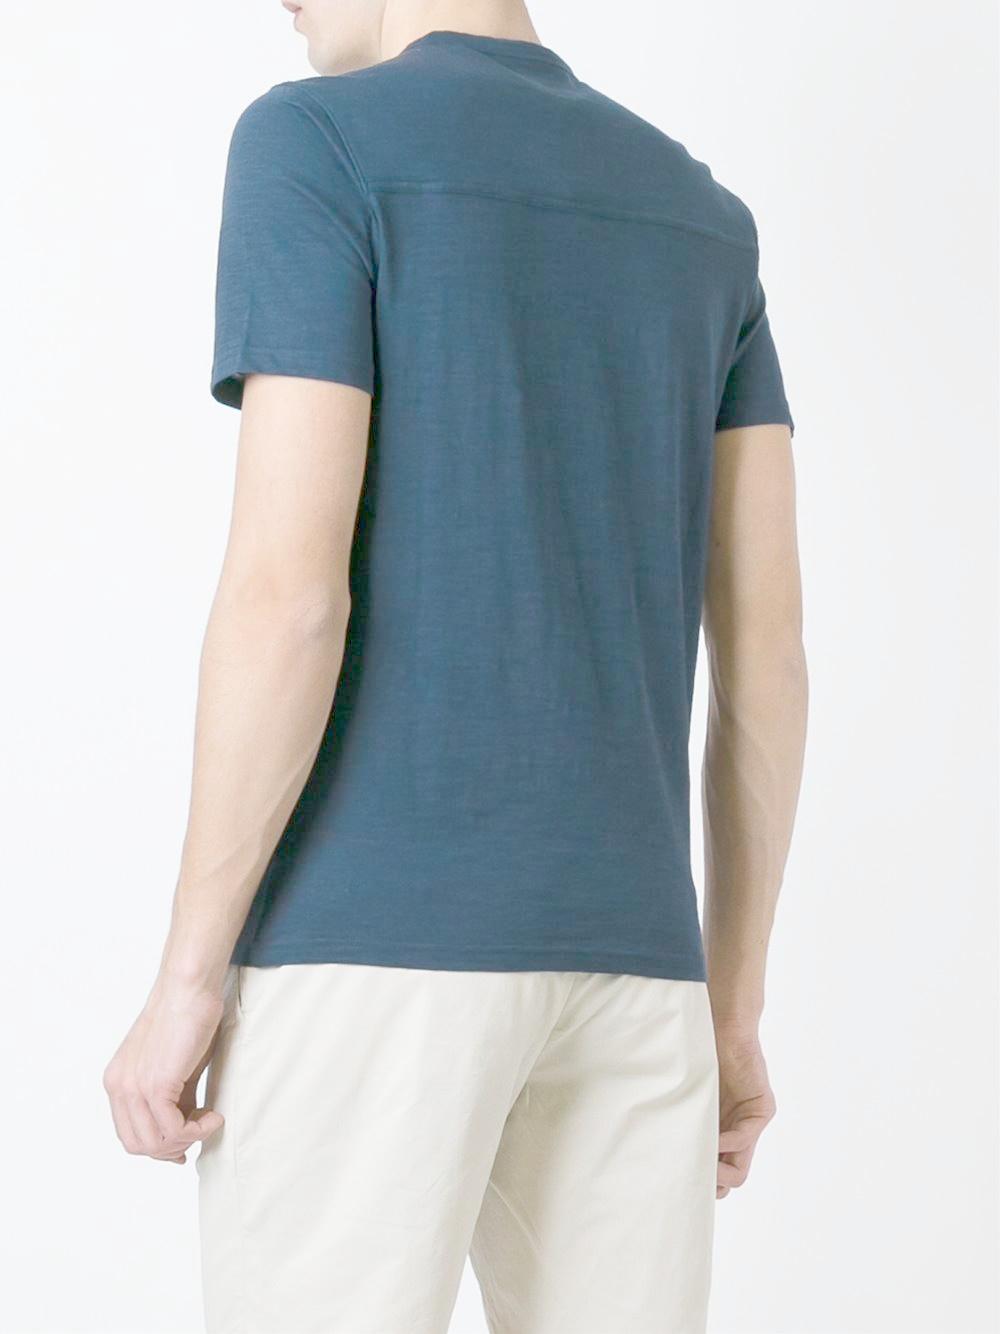 michael kors back detail long fit t shirt in blue for men. Black Bedroom Furniture Sets. Home Design Ideas